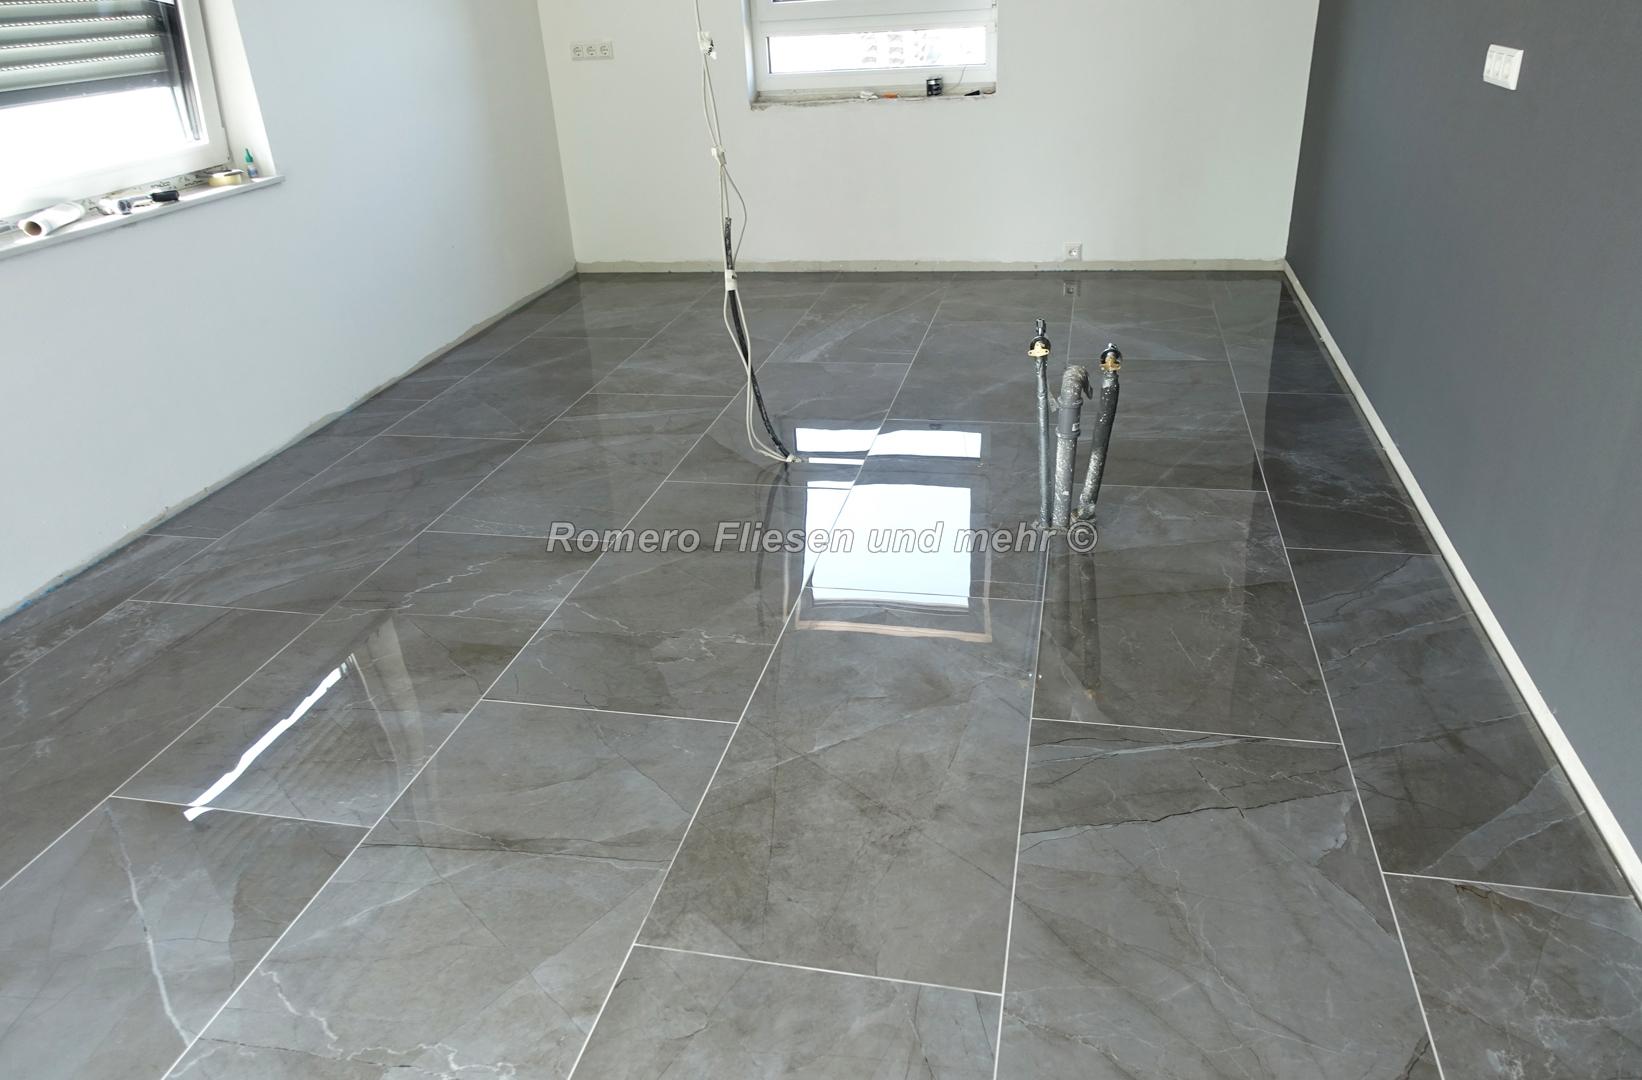 Fußboden Fliesen Für Küche ~ Bodenfliesen küche flashsms